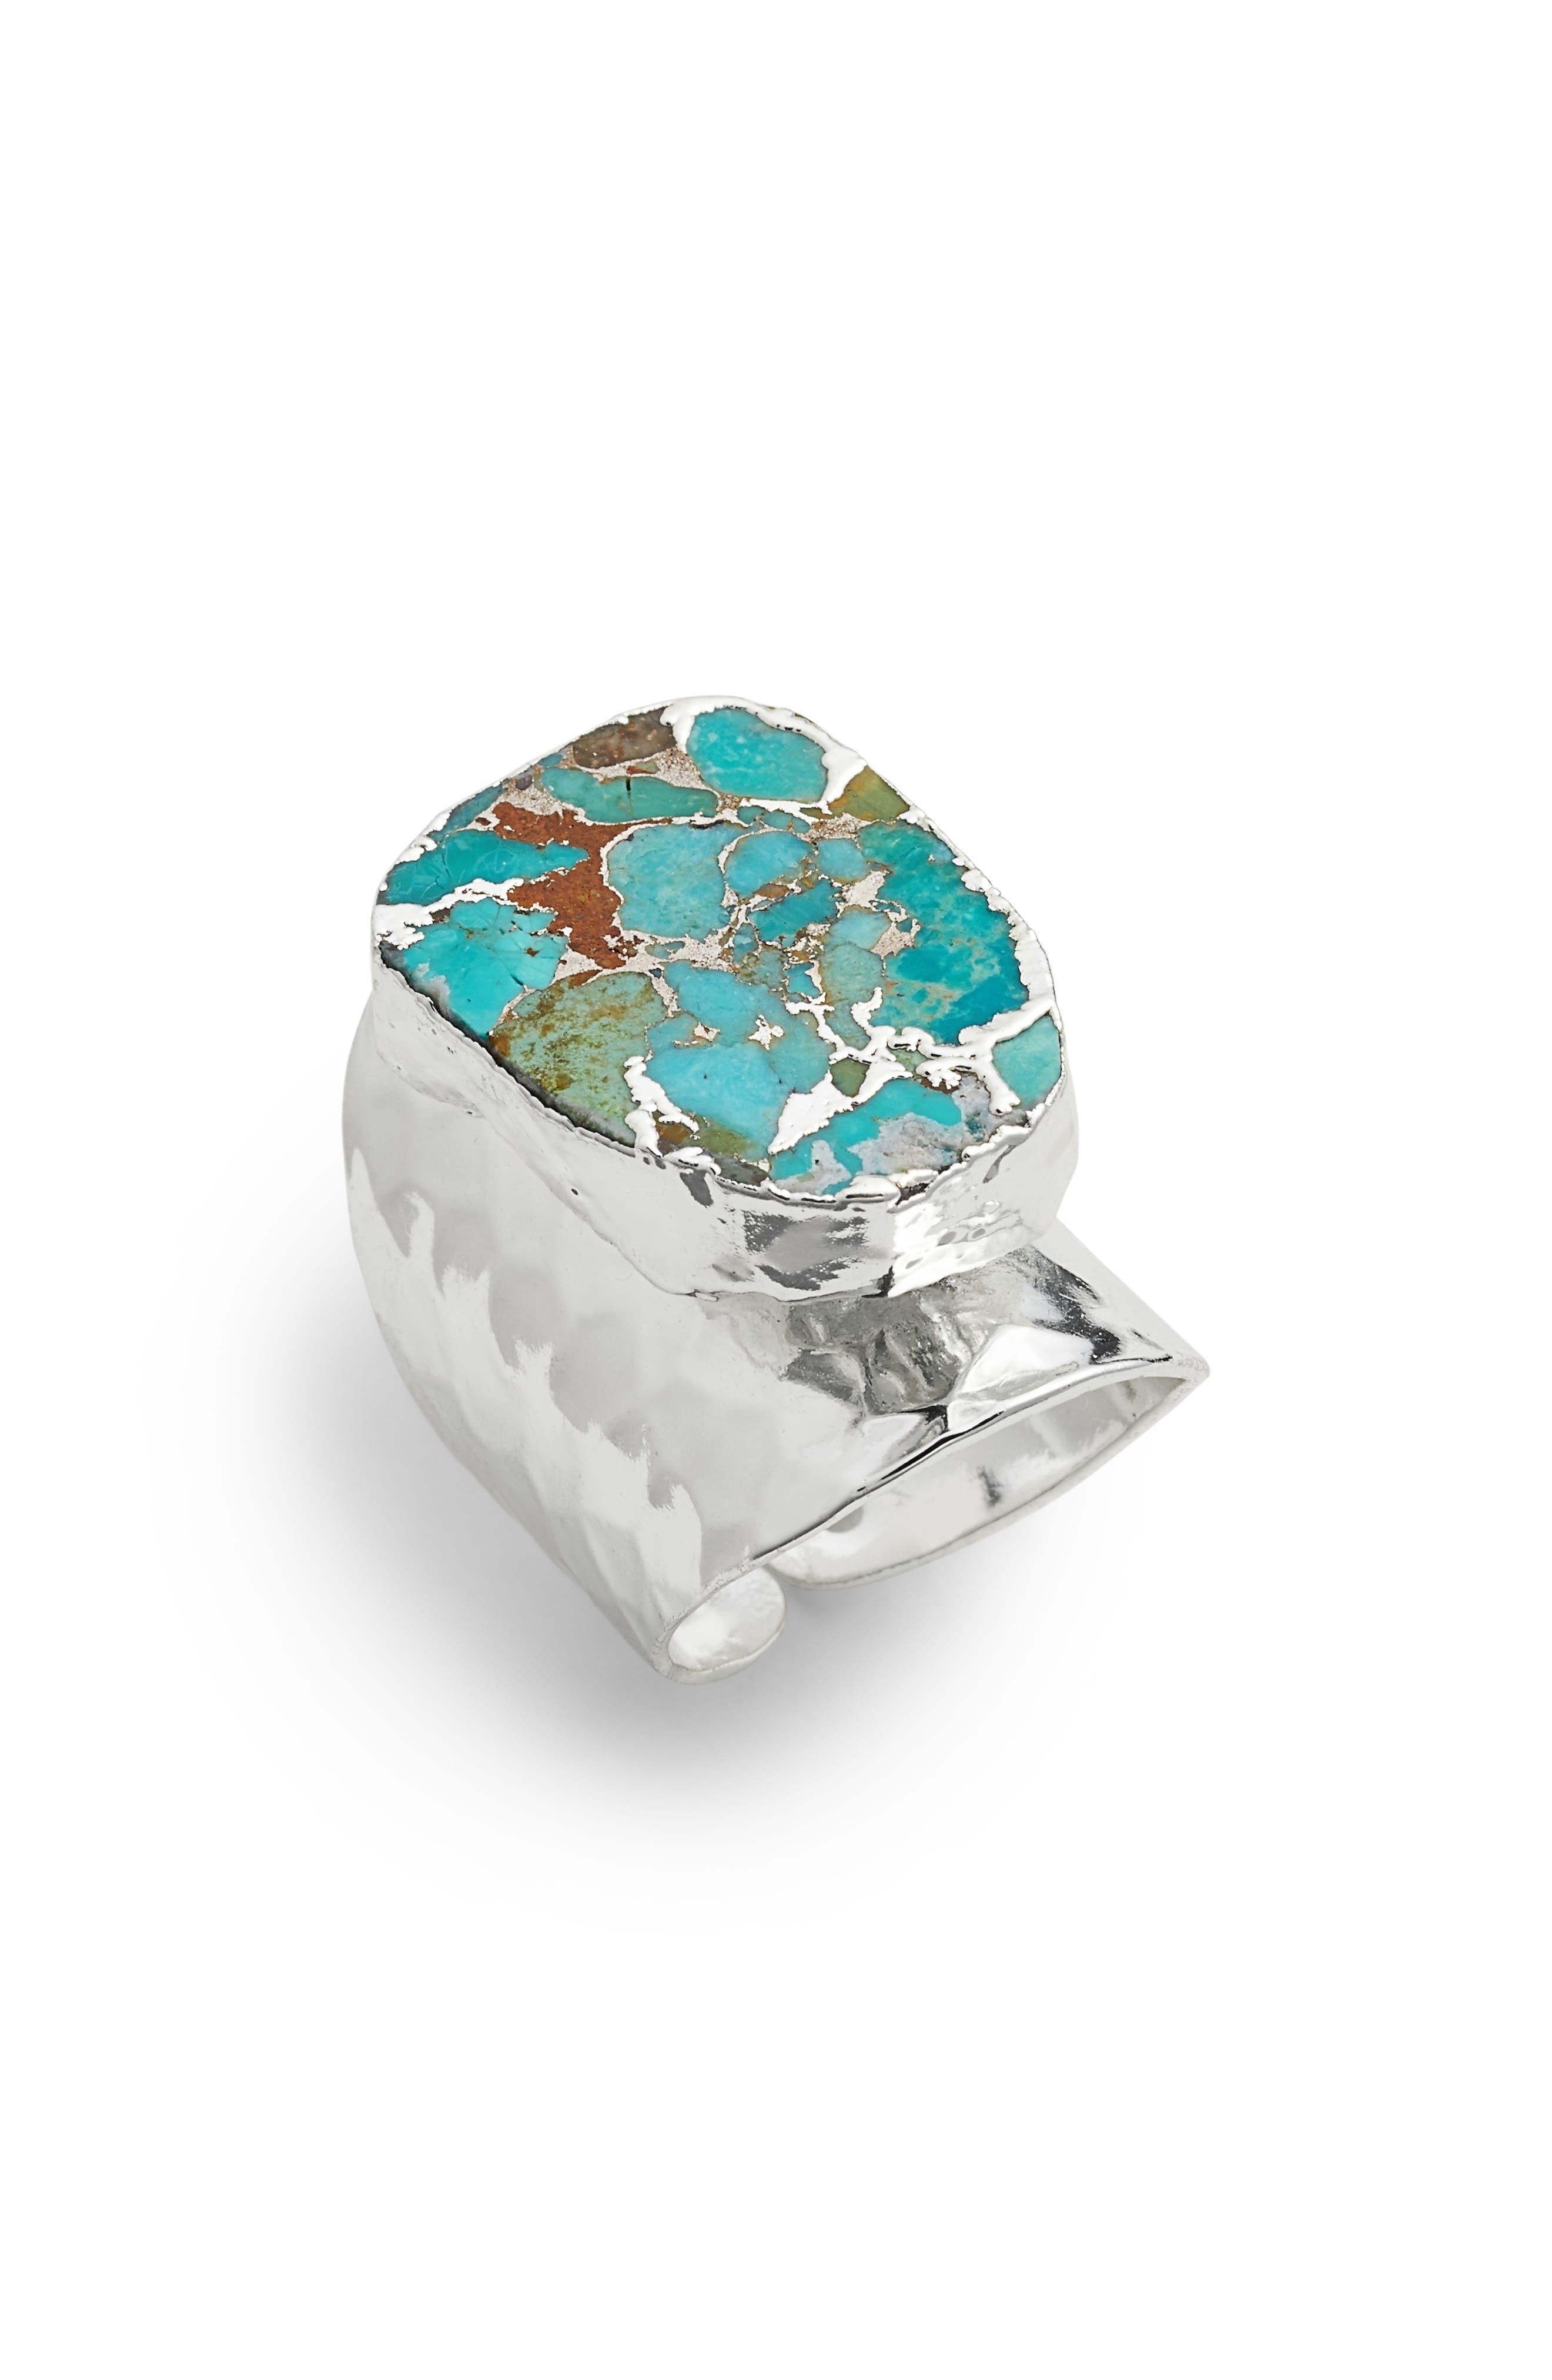 Bonitas Hammered Cuff Ring,                         Main,                         color, Silver